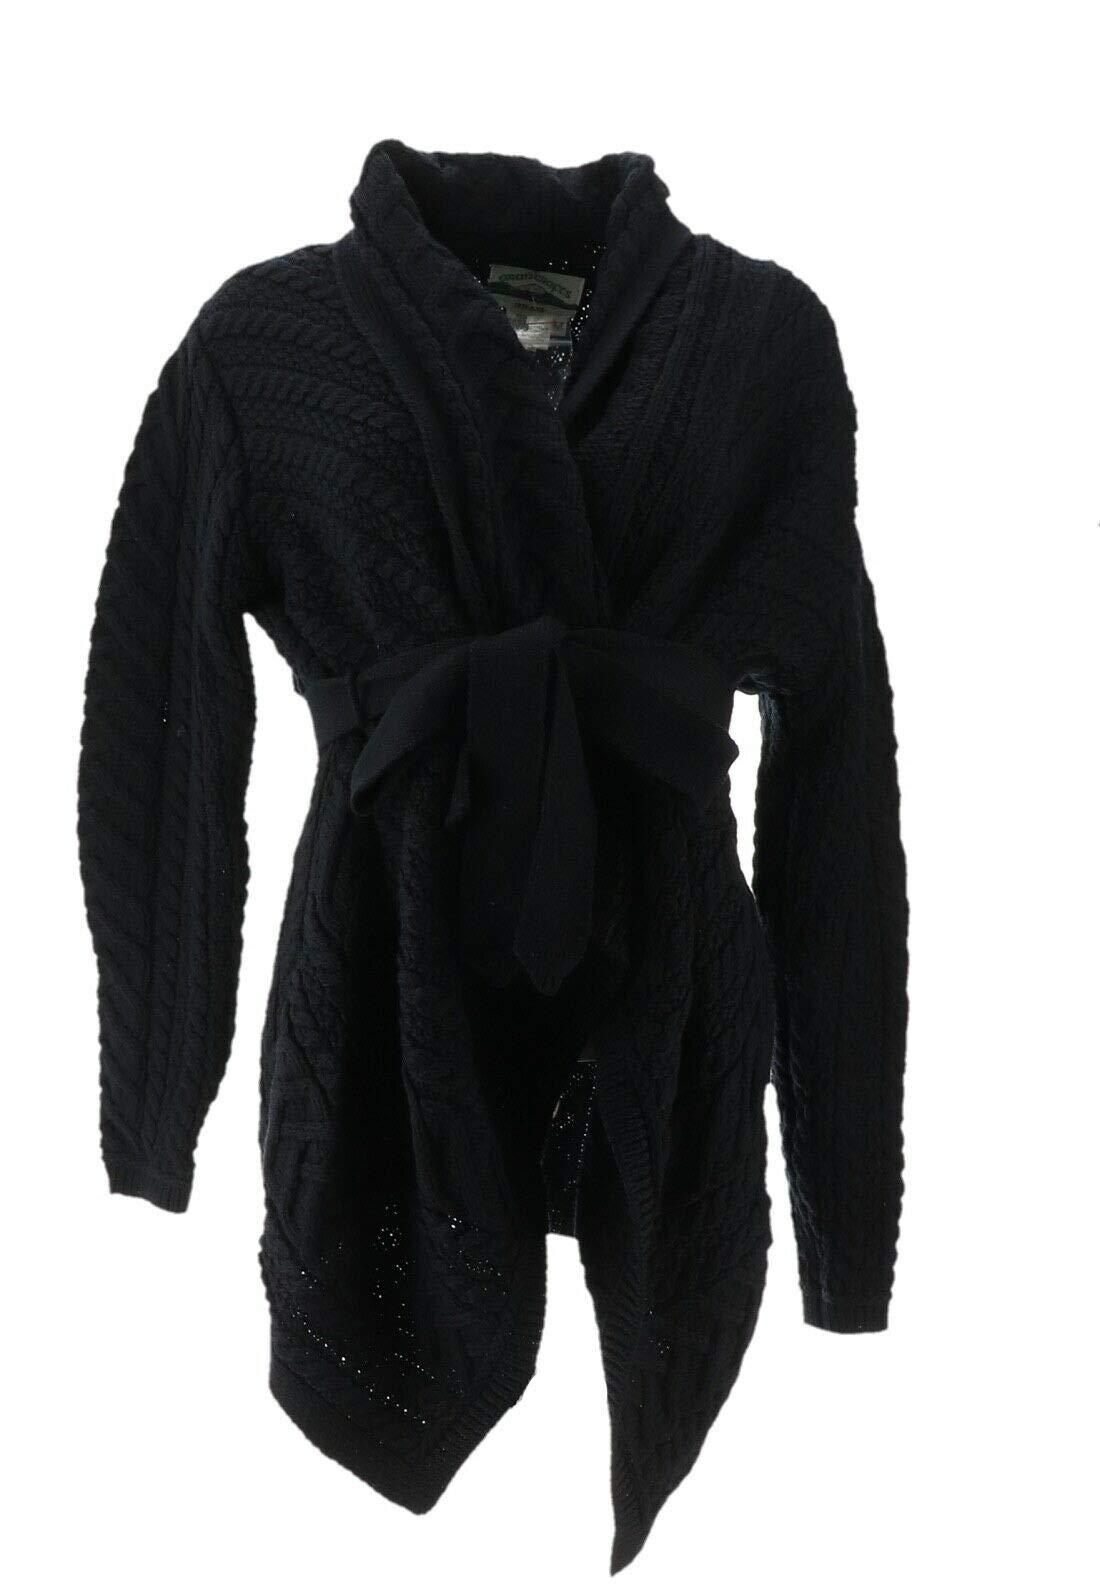 Aran Craft Merino Wool Cardigan Waterfall Neck Belt Black XL New A290440